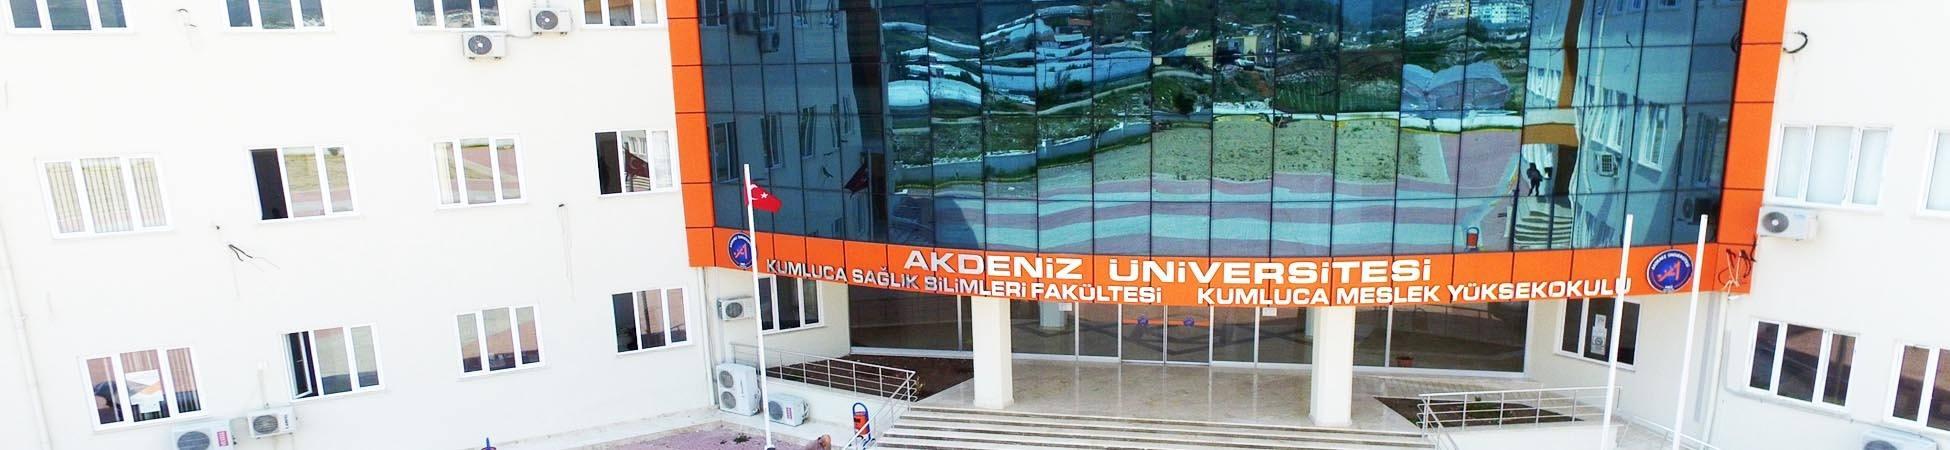 Akdeniz Üniversitesi Kumluca Sağlık Bilimleri Fakültesi